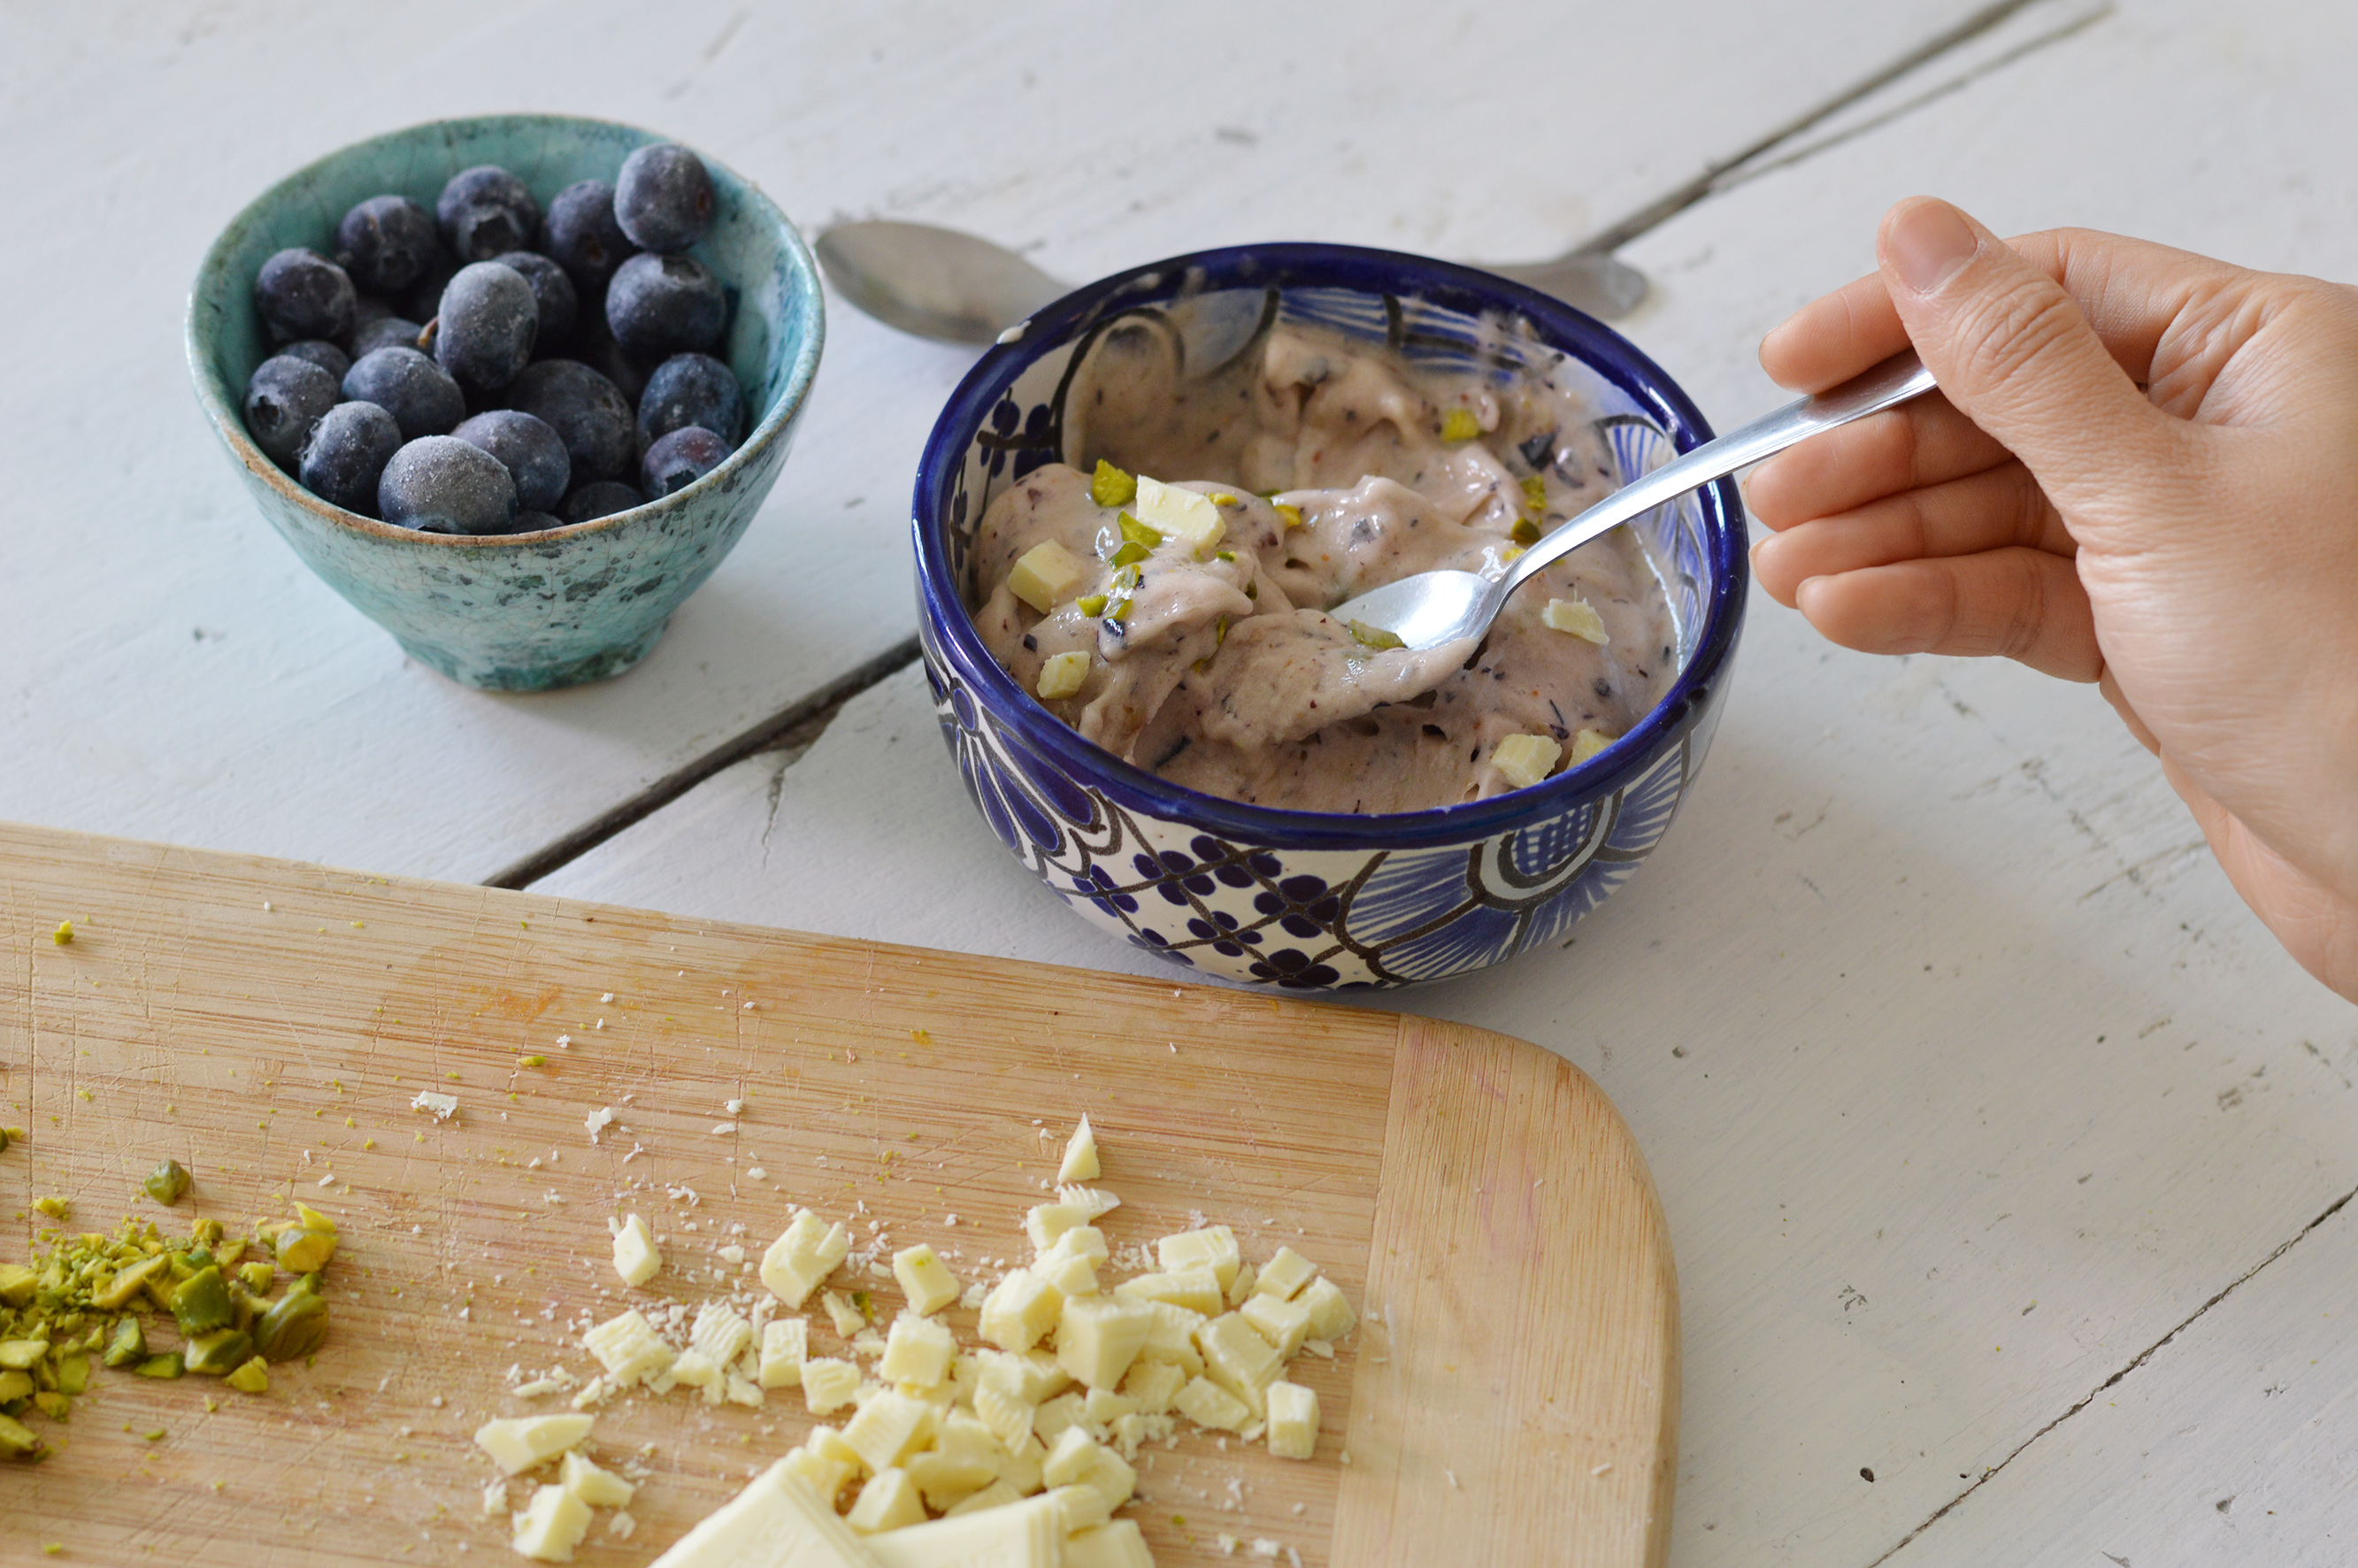 Glace minute banane myrtille - Plus une miette dans l'assiette